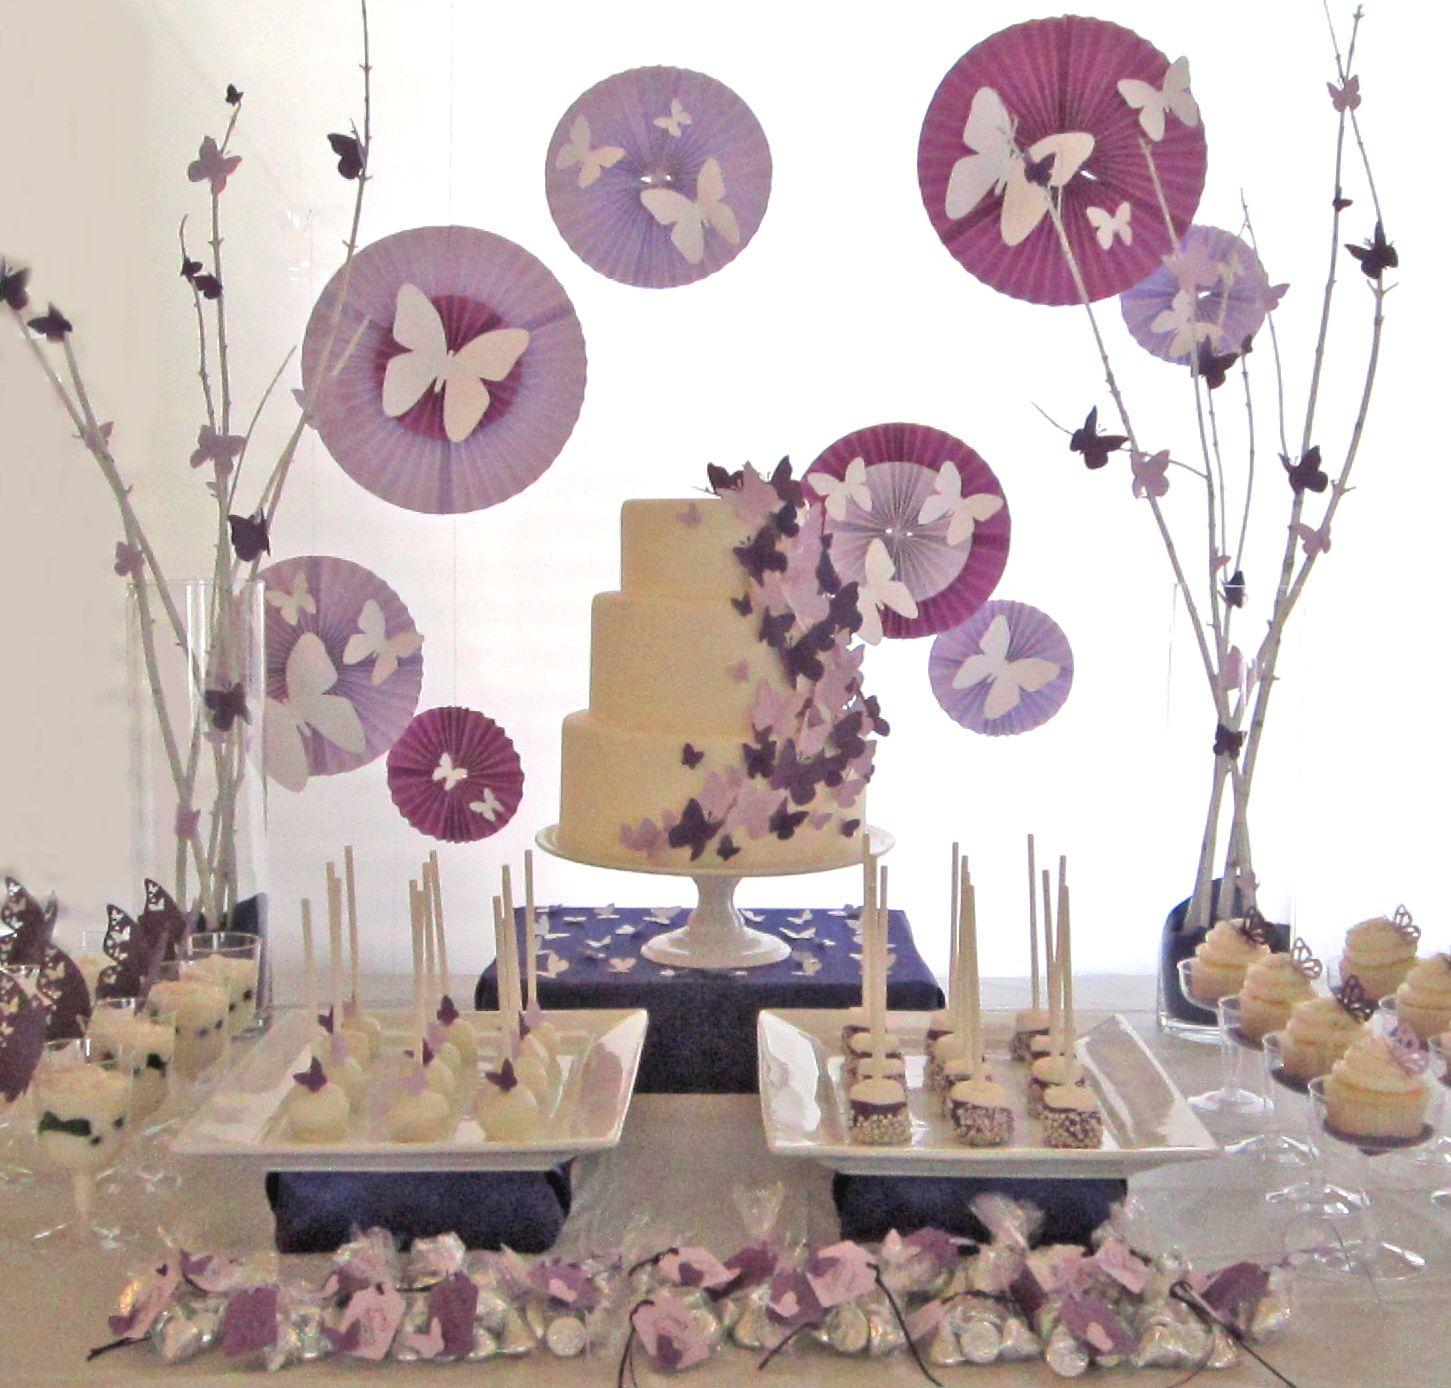 Butterfly Dessert Table Fiesta Con Tema De Mariposas Fiesta De Mariposa Decoraciones De Mariposa